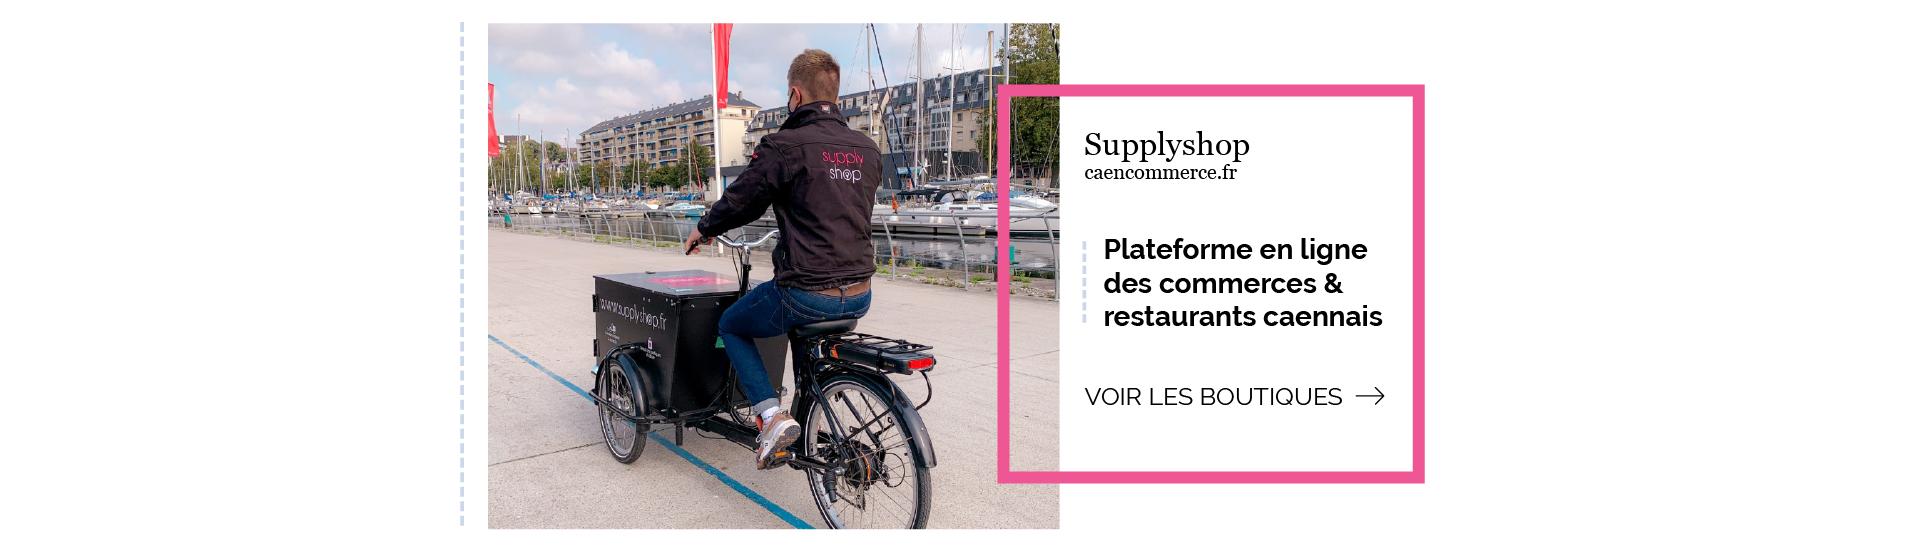 supplyshop-caen-commerce